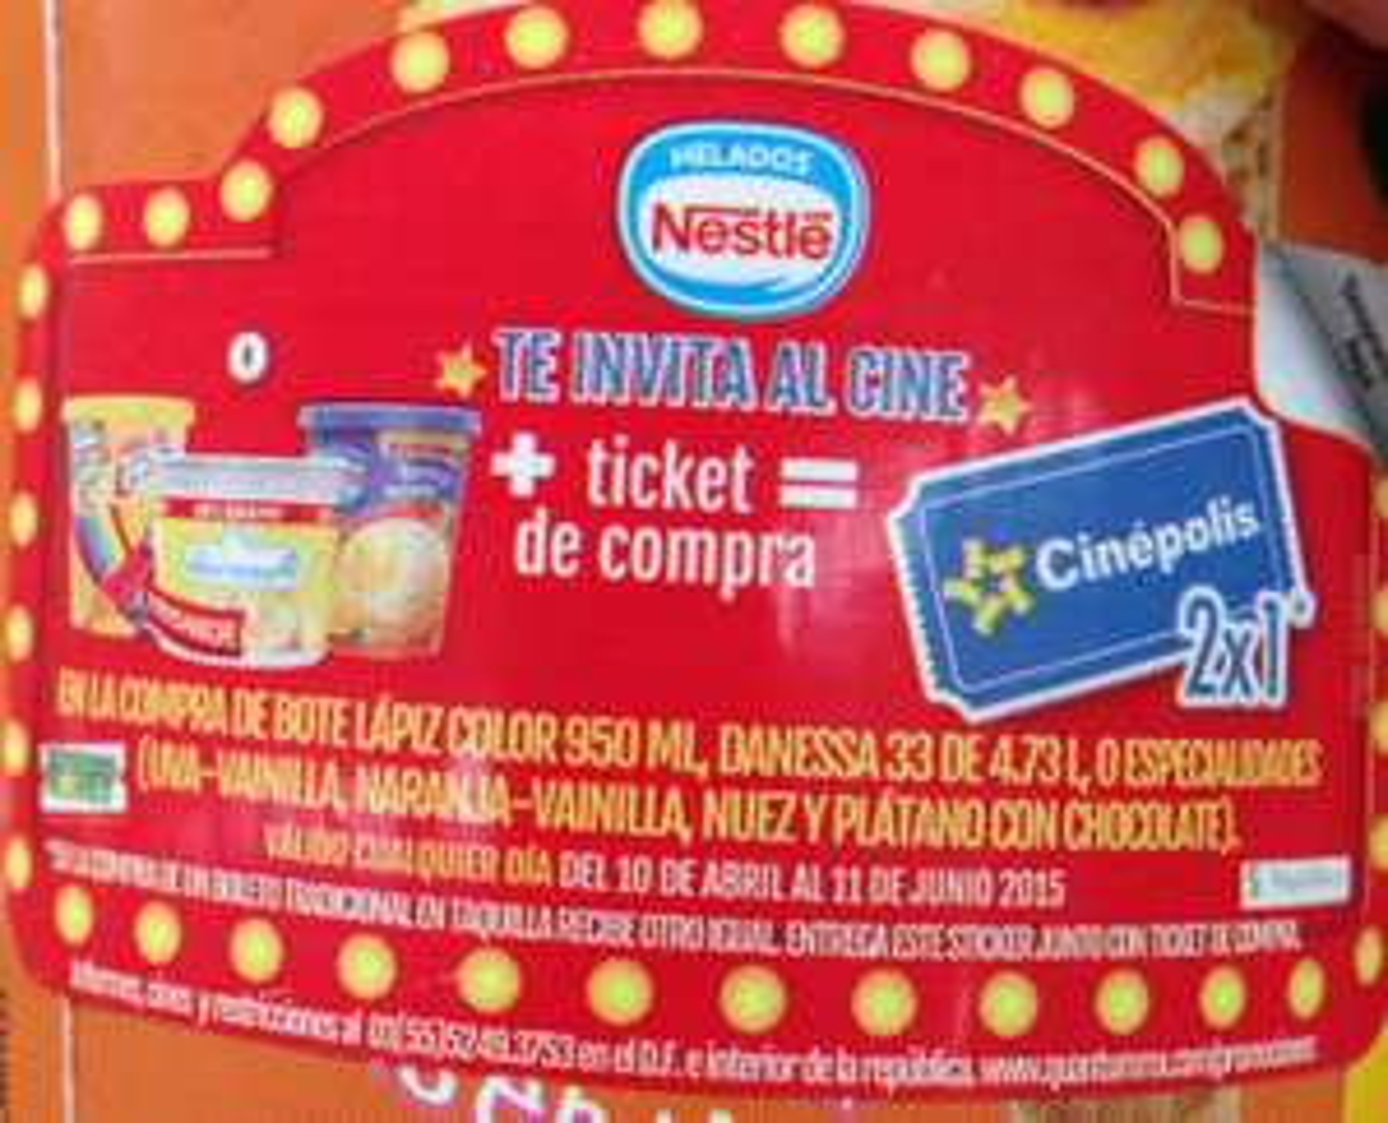 2x1 para Cinépolis comprando helados Nestlé (válido de lunes a domingo)